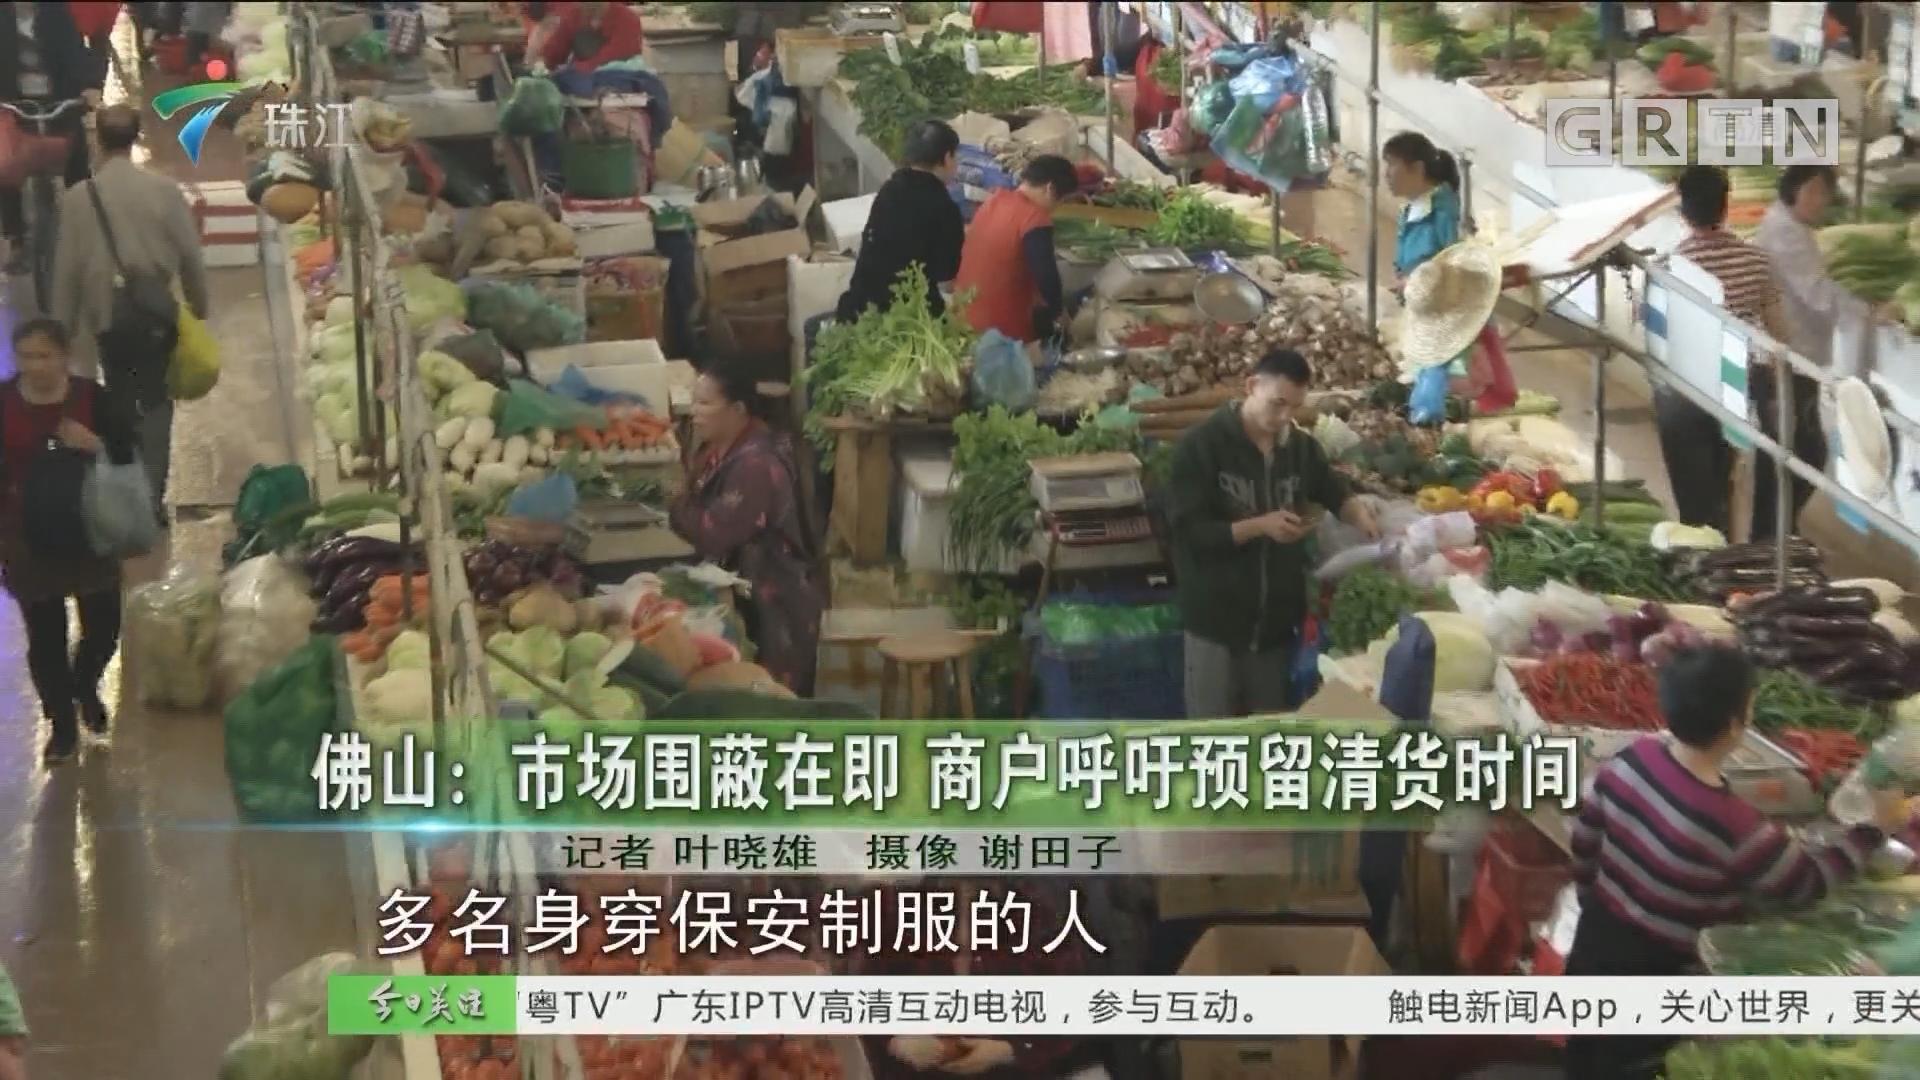 佛山:市场围蔽在即 商户呼吁预留清货时间